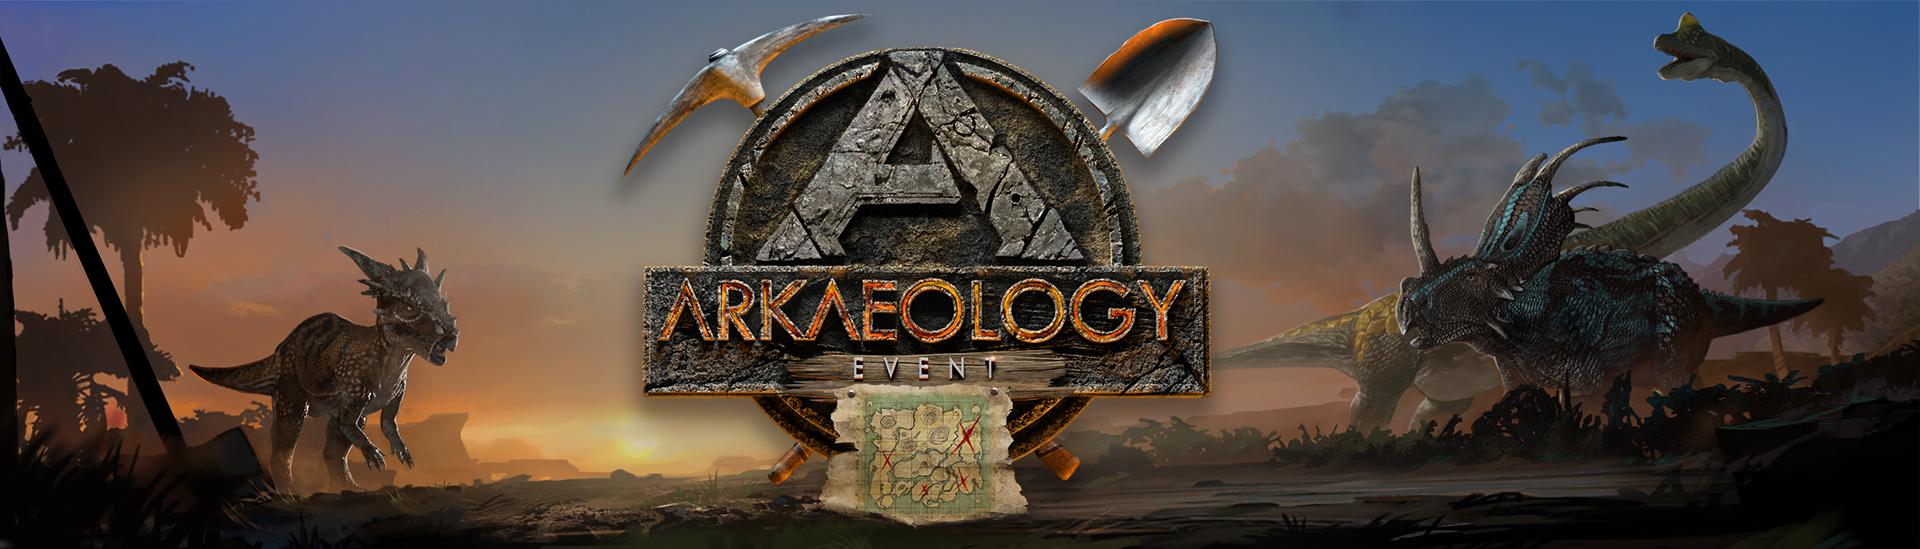 ark_arkaeologyEvent01.jpg